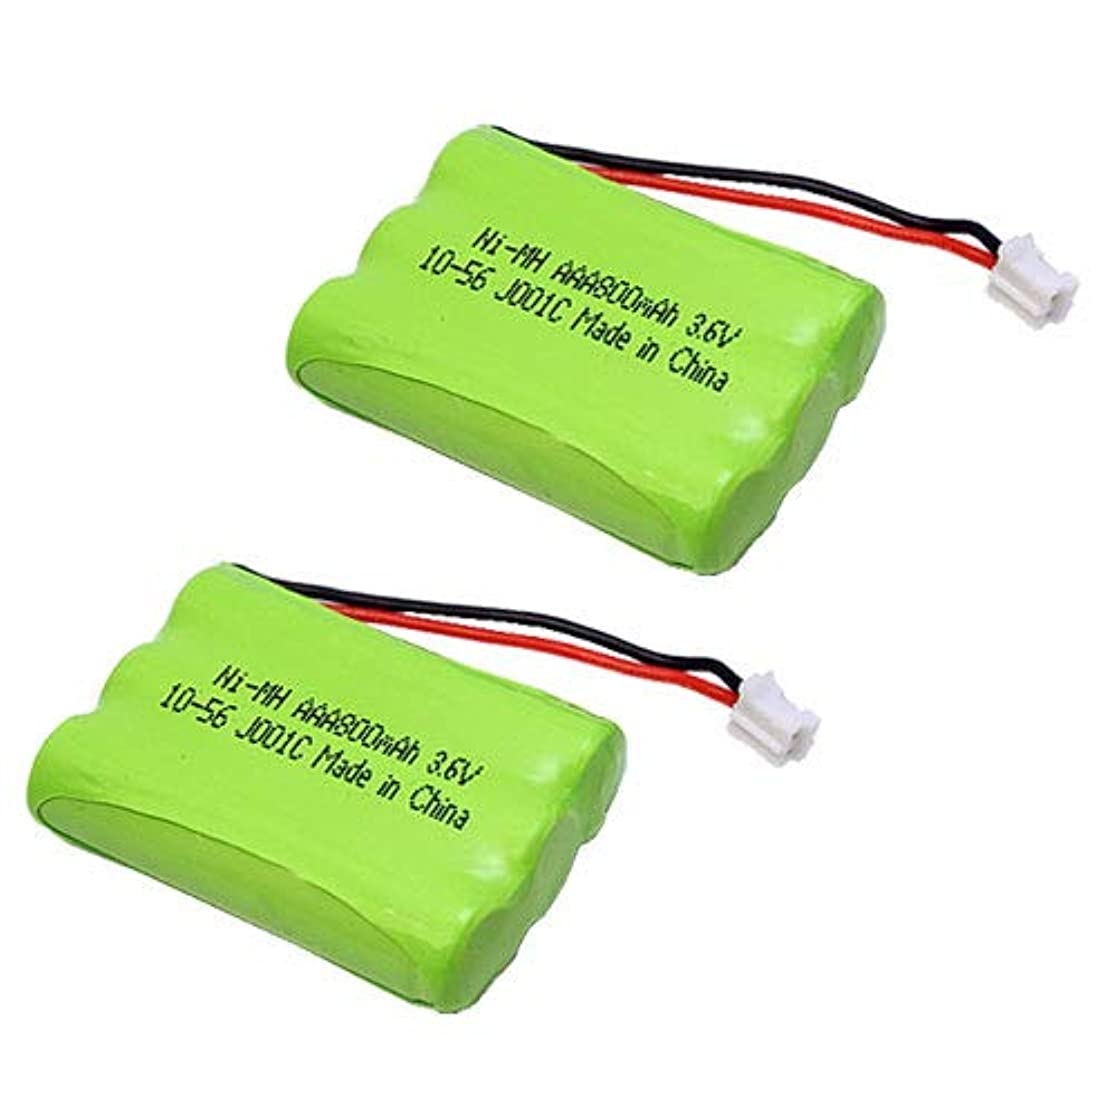 マークされた加速度バンジージャンプ【JC】 2個セット パイオニア TF-BT10/FEX1079/FEX1080 対応 互換充電池 【J001C】【バッテリー容量増量】